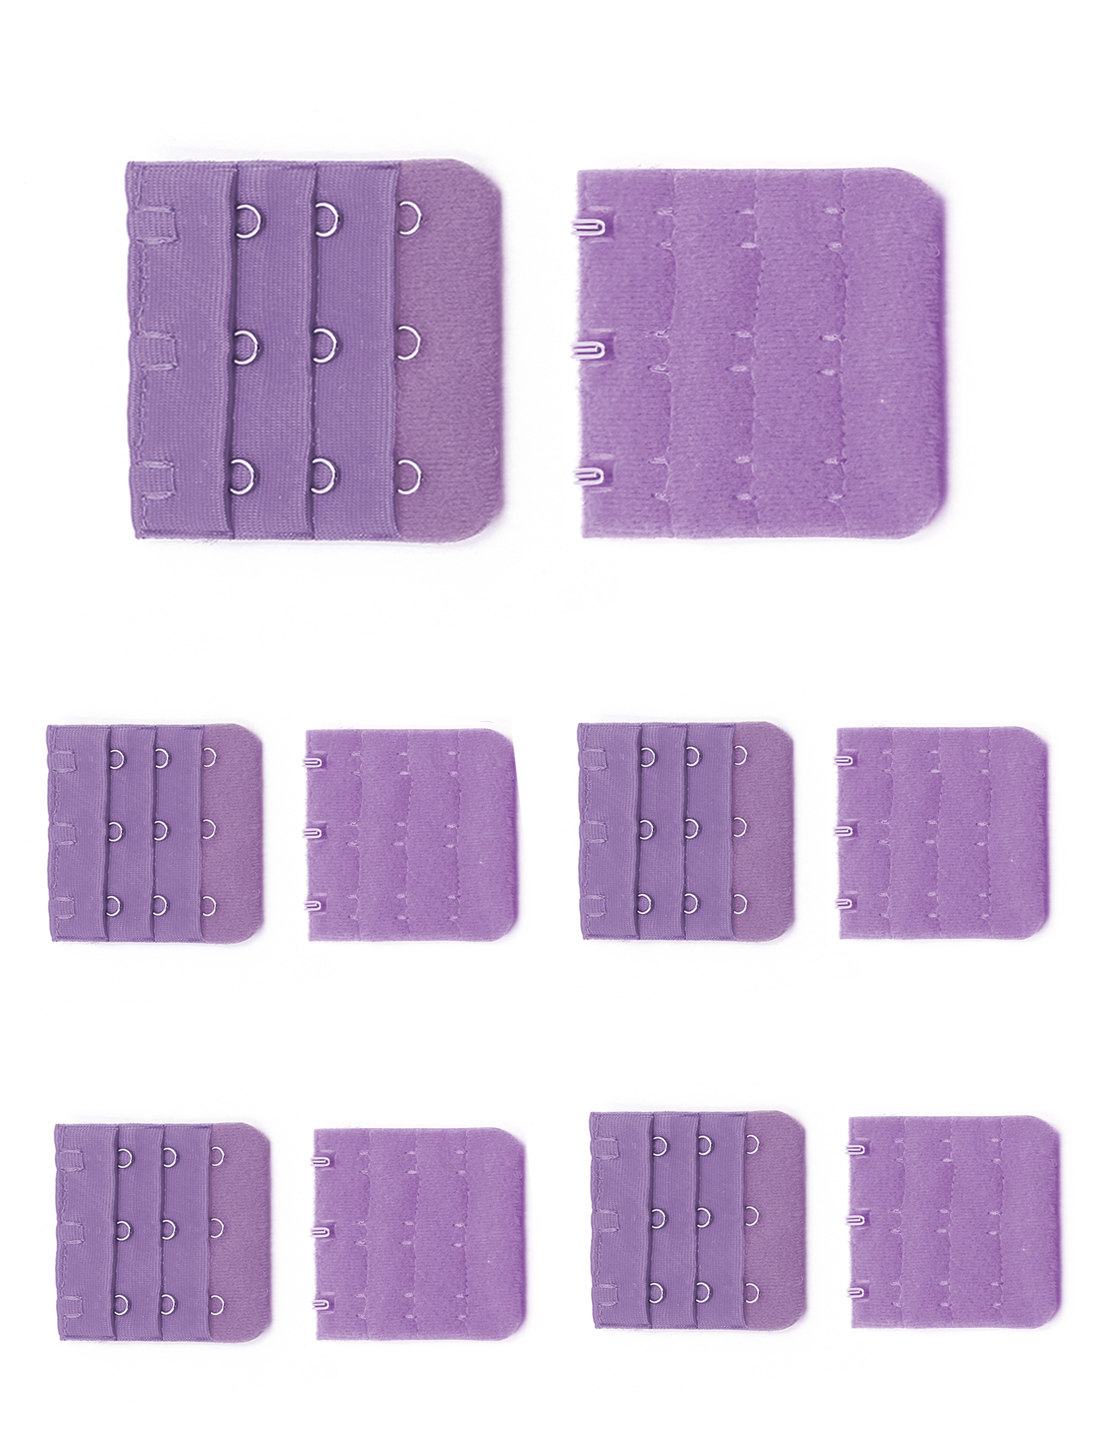 Women 3 Rows 3 Hooks Bra Straps Underwear Brassiere Back Extension 10 Pcs Purple